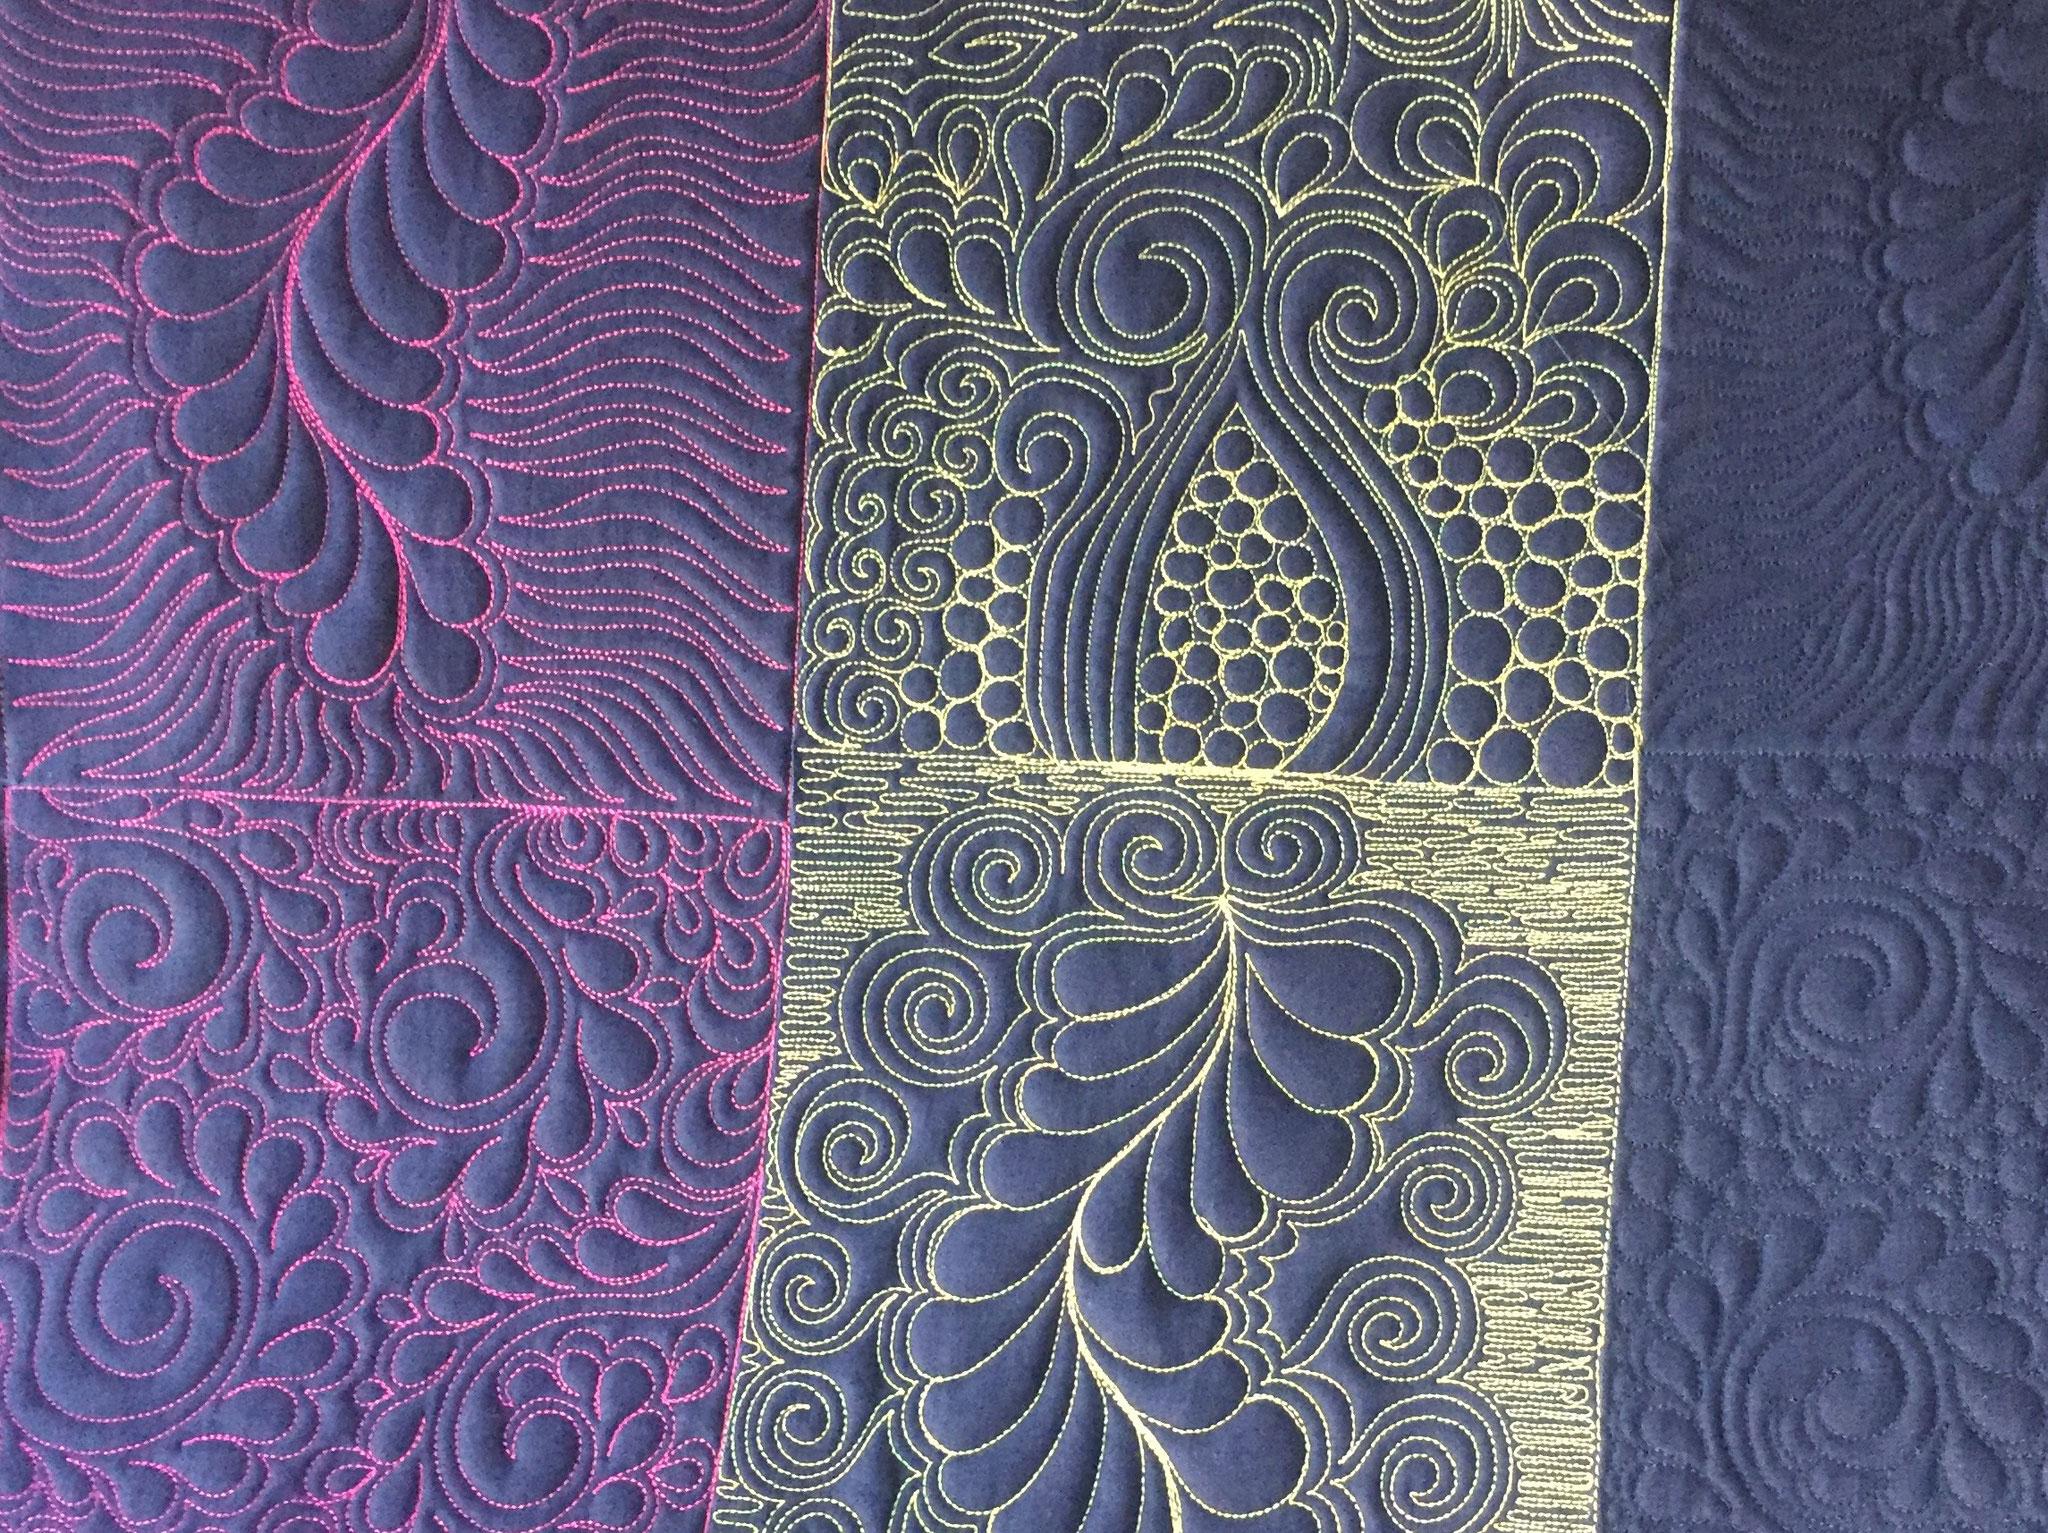 Tissu quilté - création LE QUILT émoi